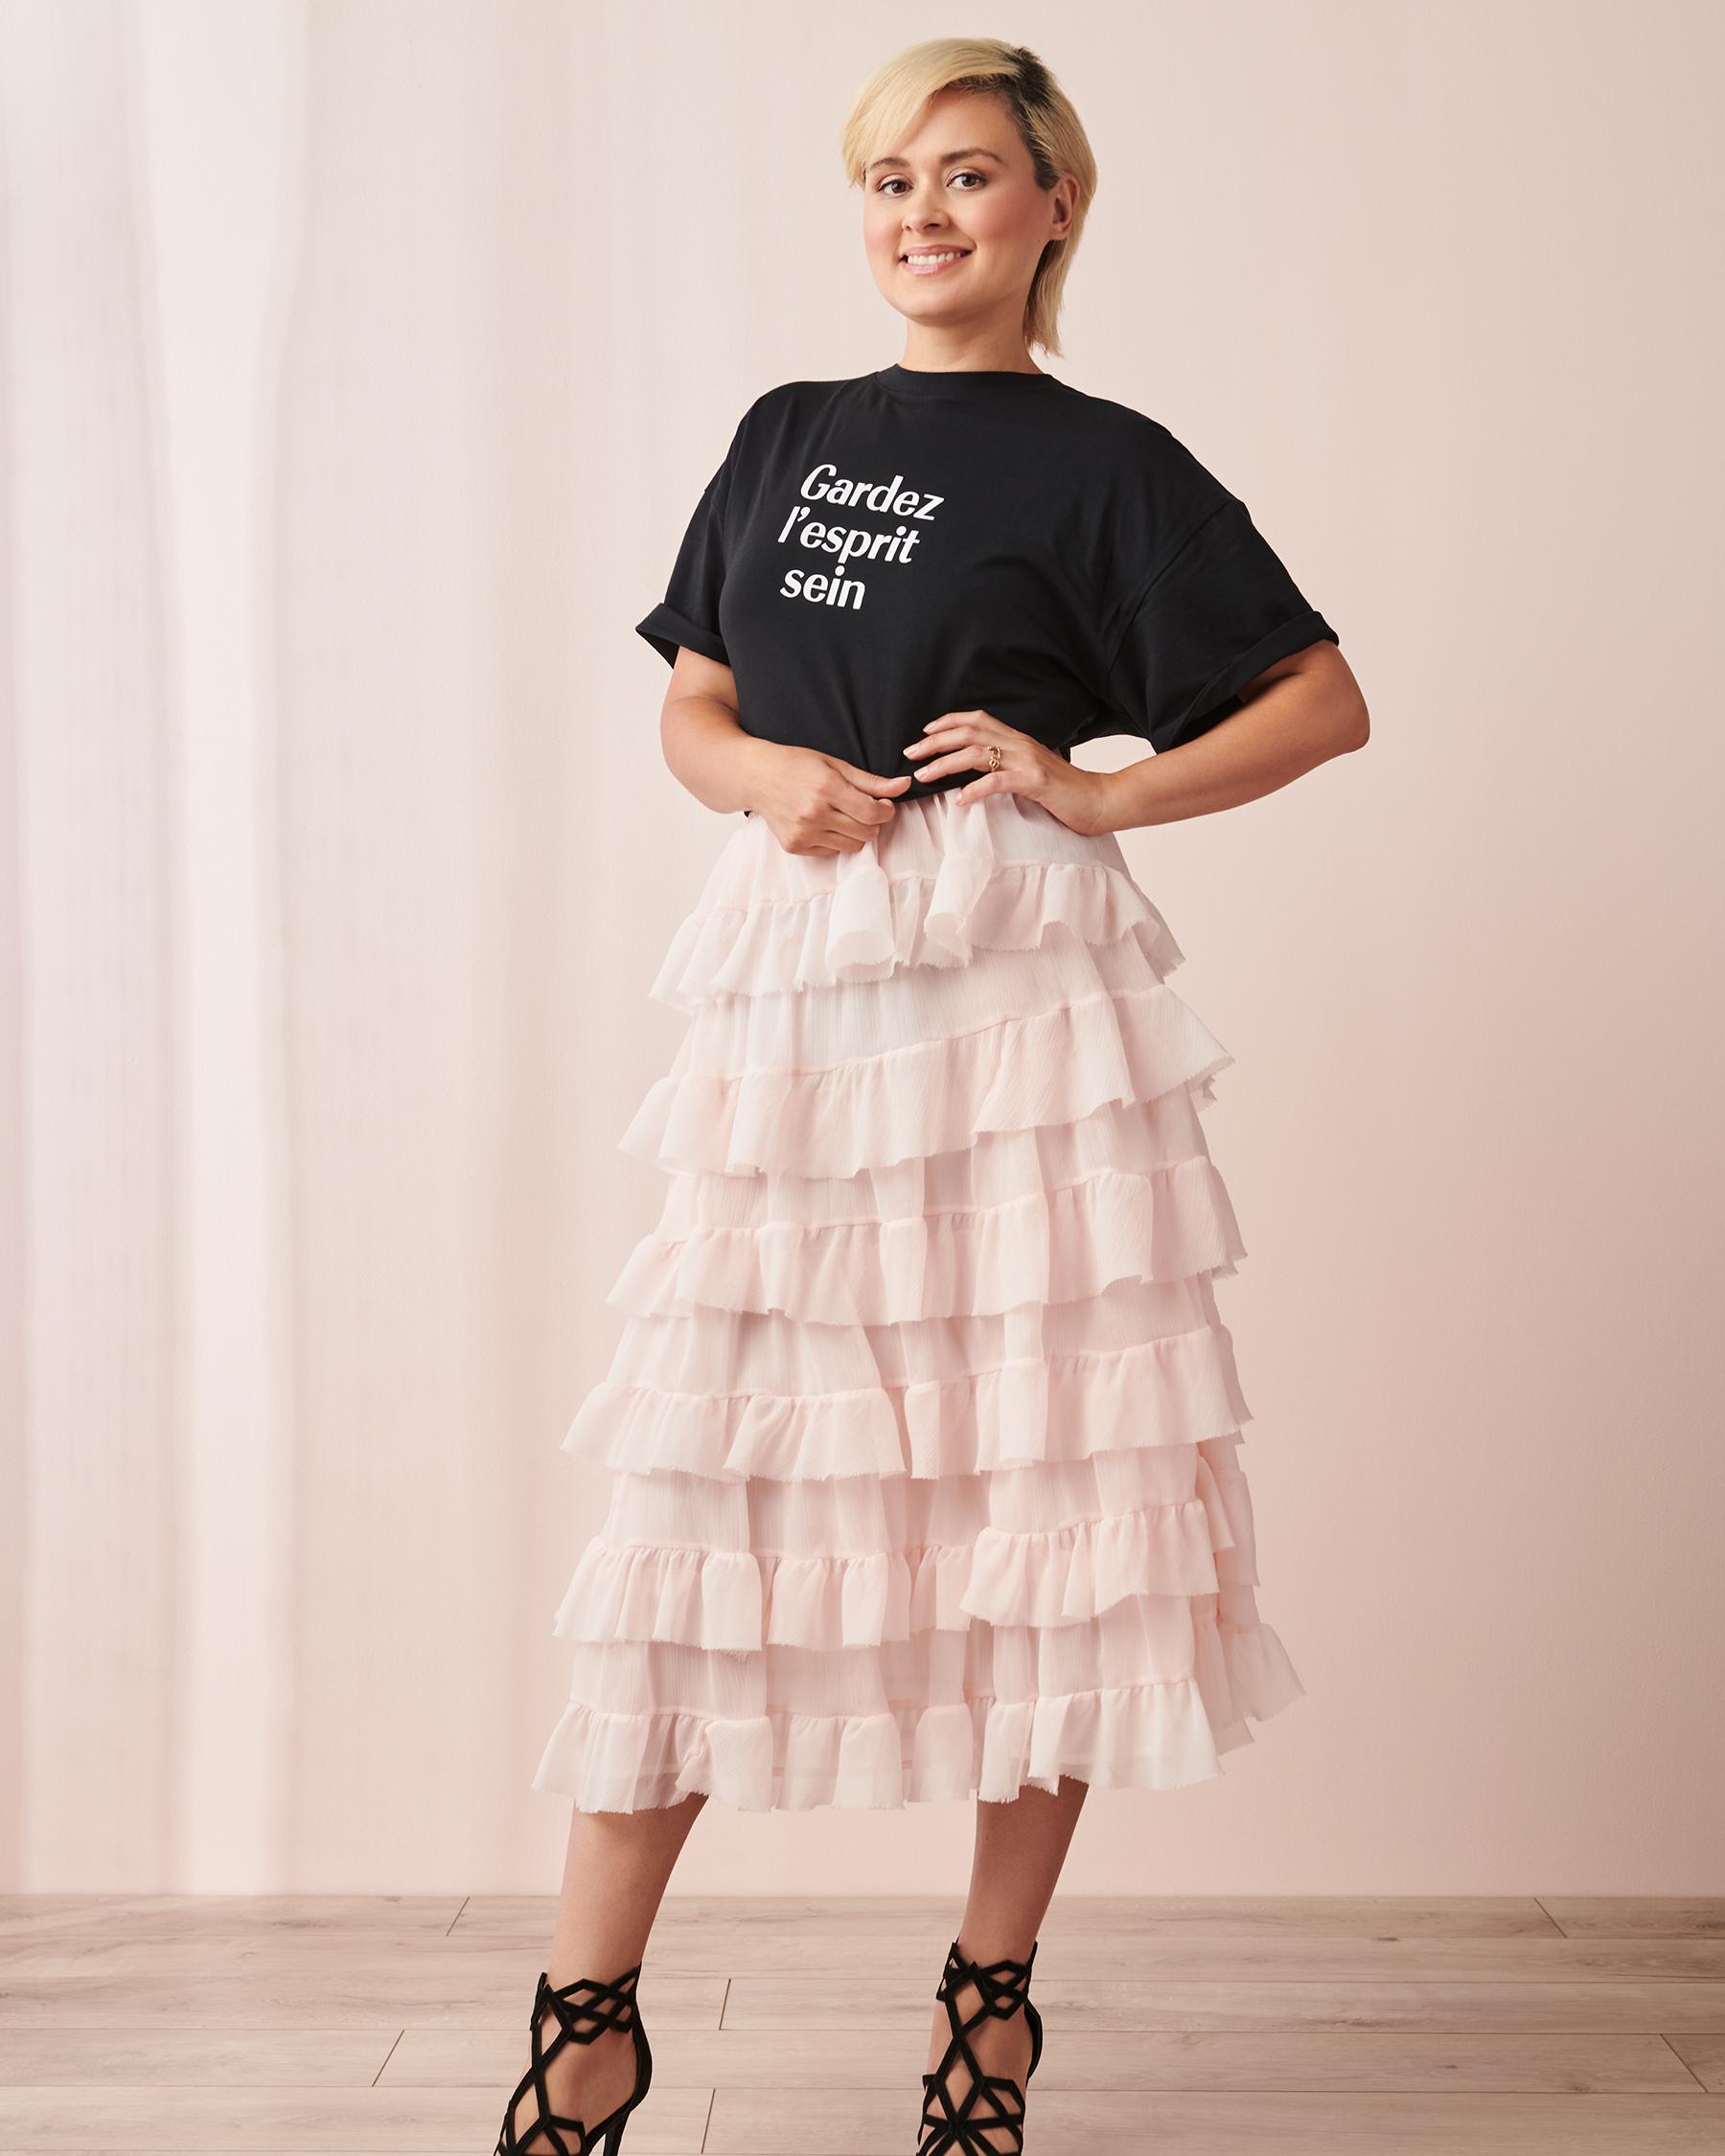 LA VIE EN ROSE T-shirt Gardez l'esprit sein Noir 90400001 - Voir5